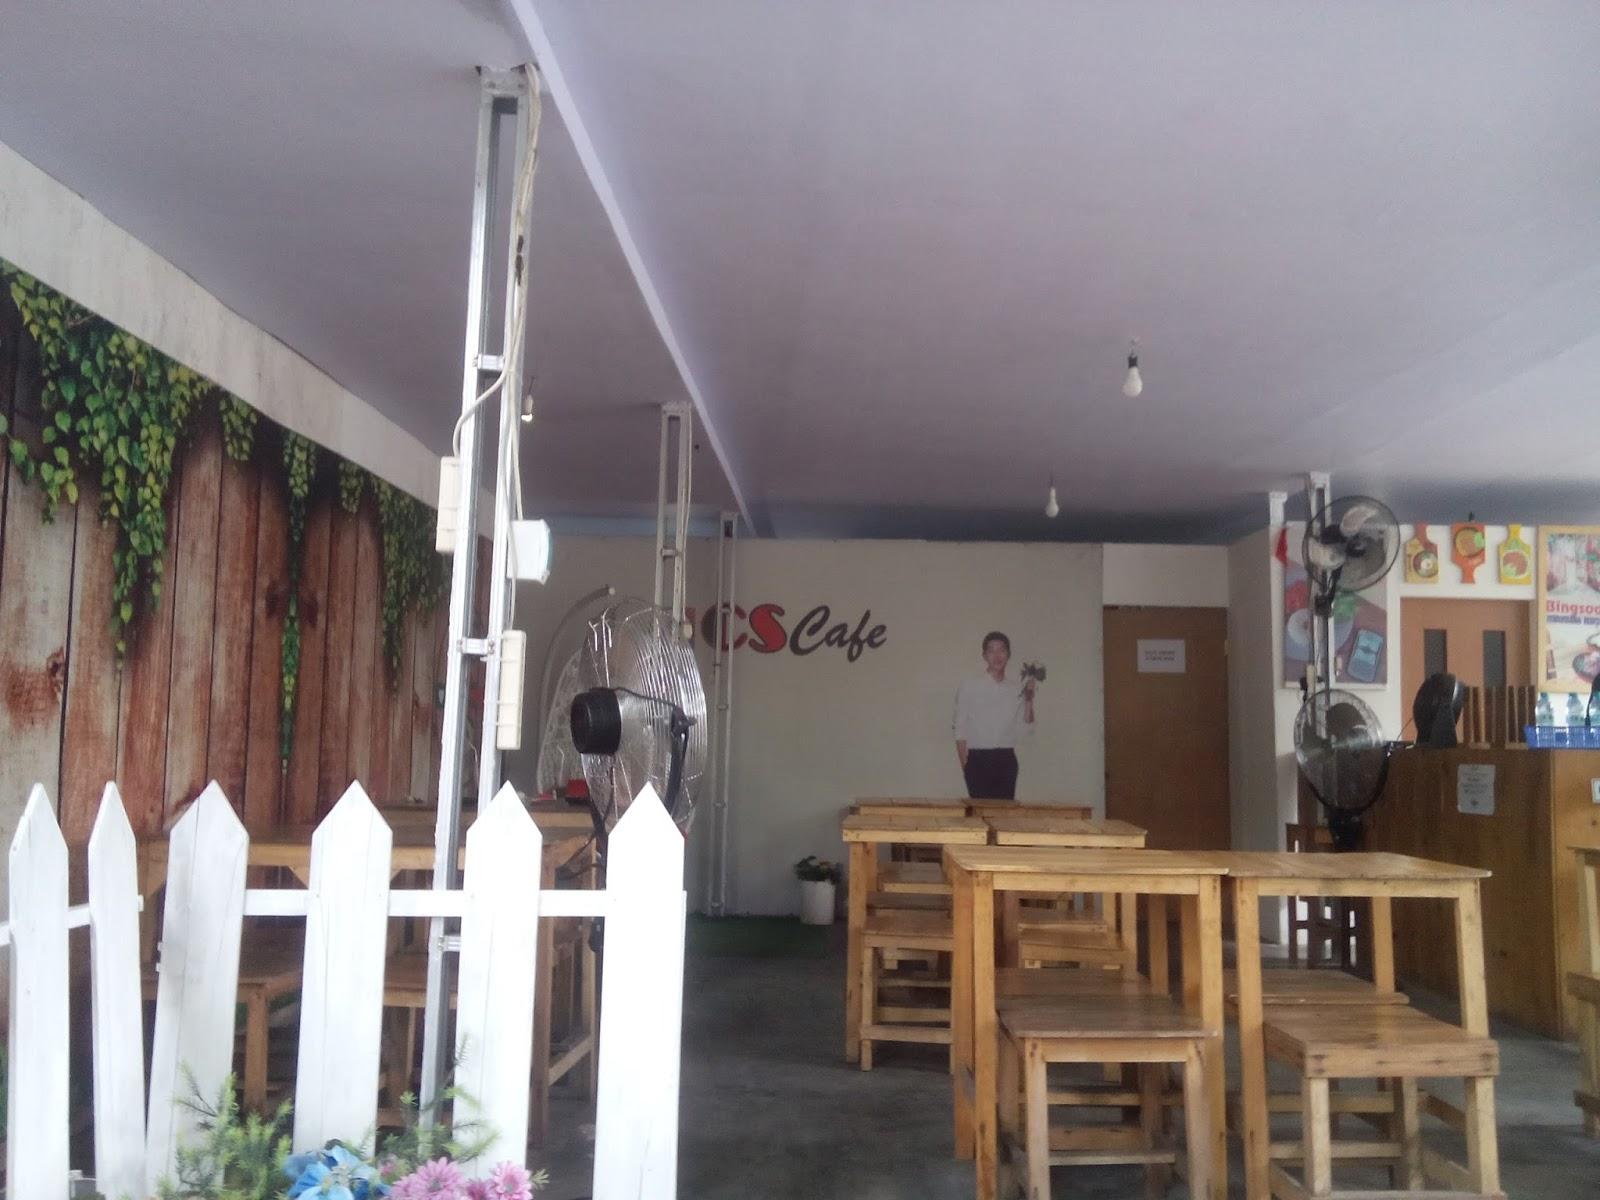 Lokasinya tepat di pinggir jalan sehingga mudah untuk menemukannya. CS Café  ini berada di deretan Panties Pizza a9182be3ba